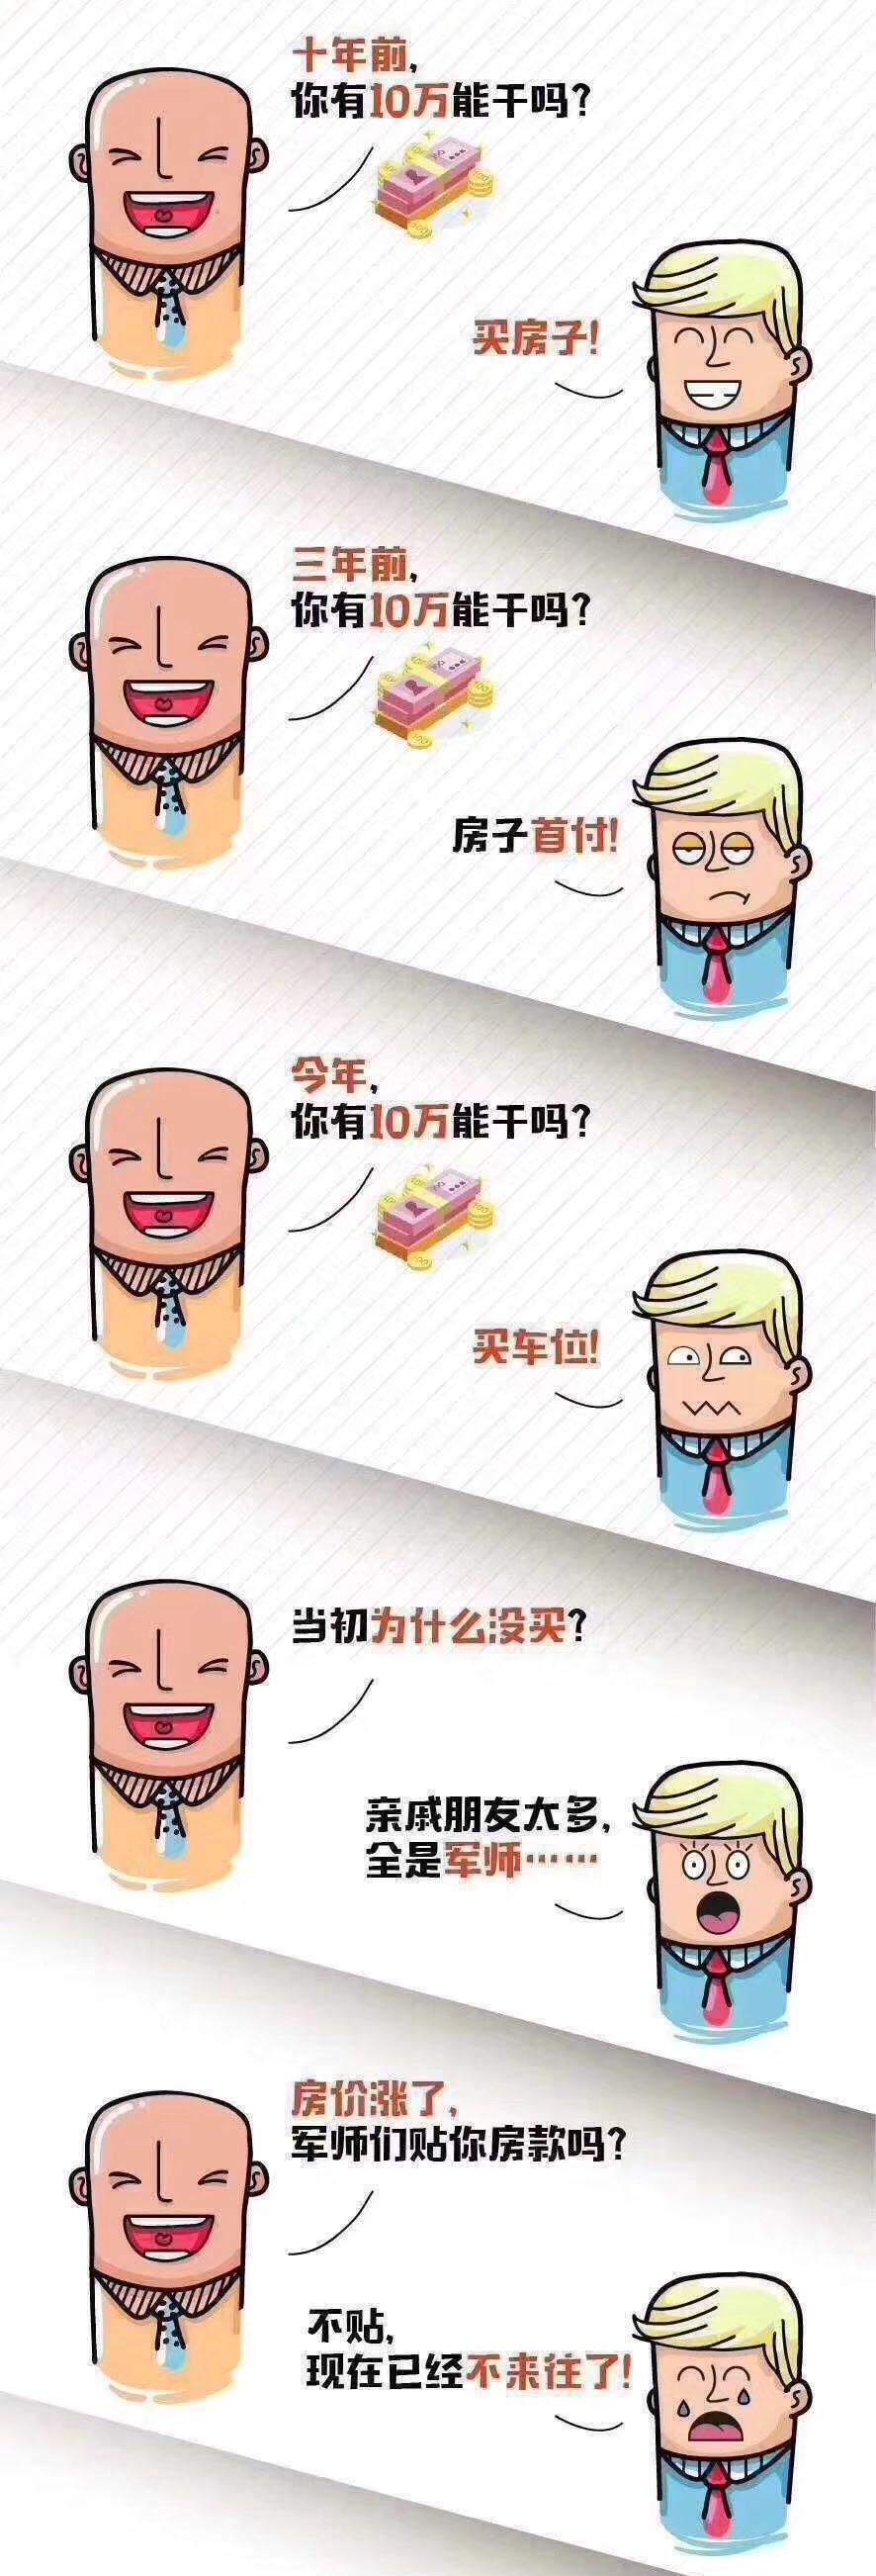 冷笑话.jpg